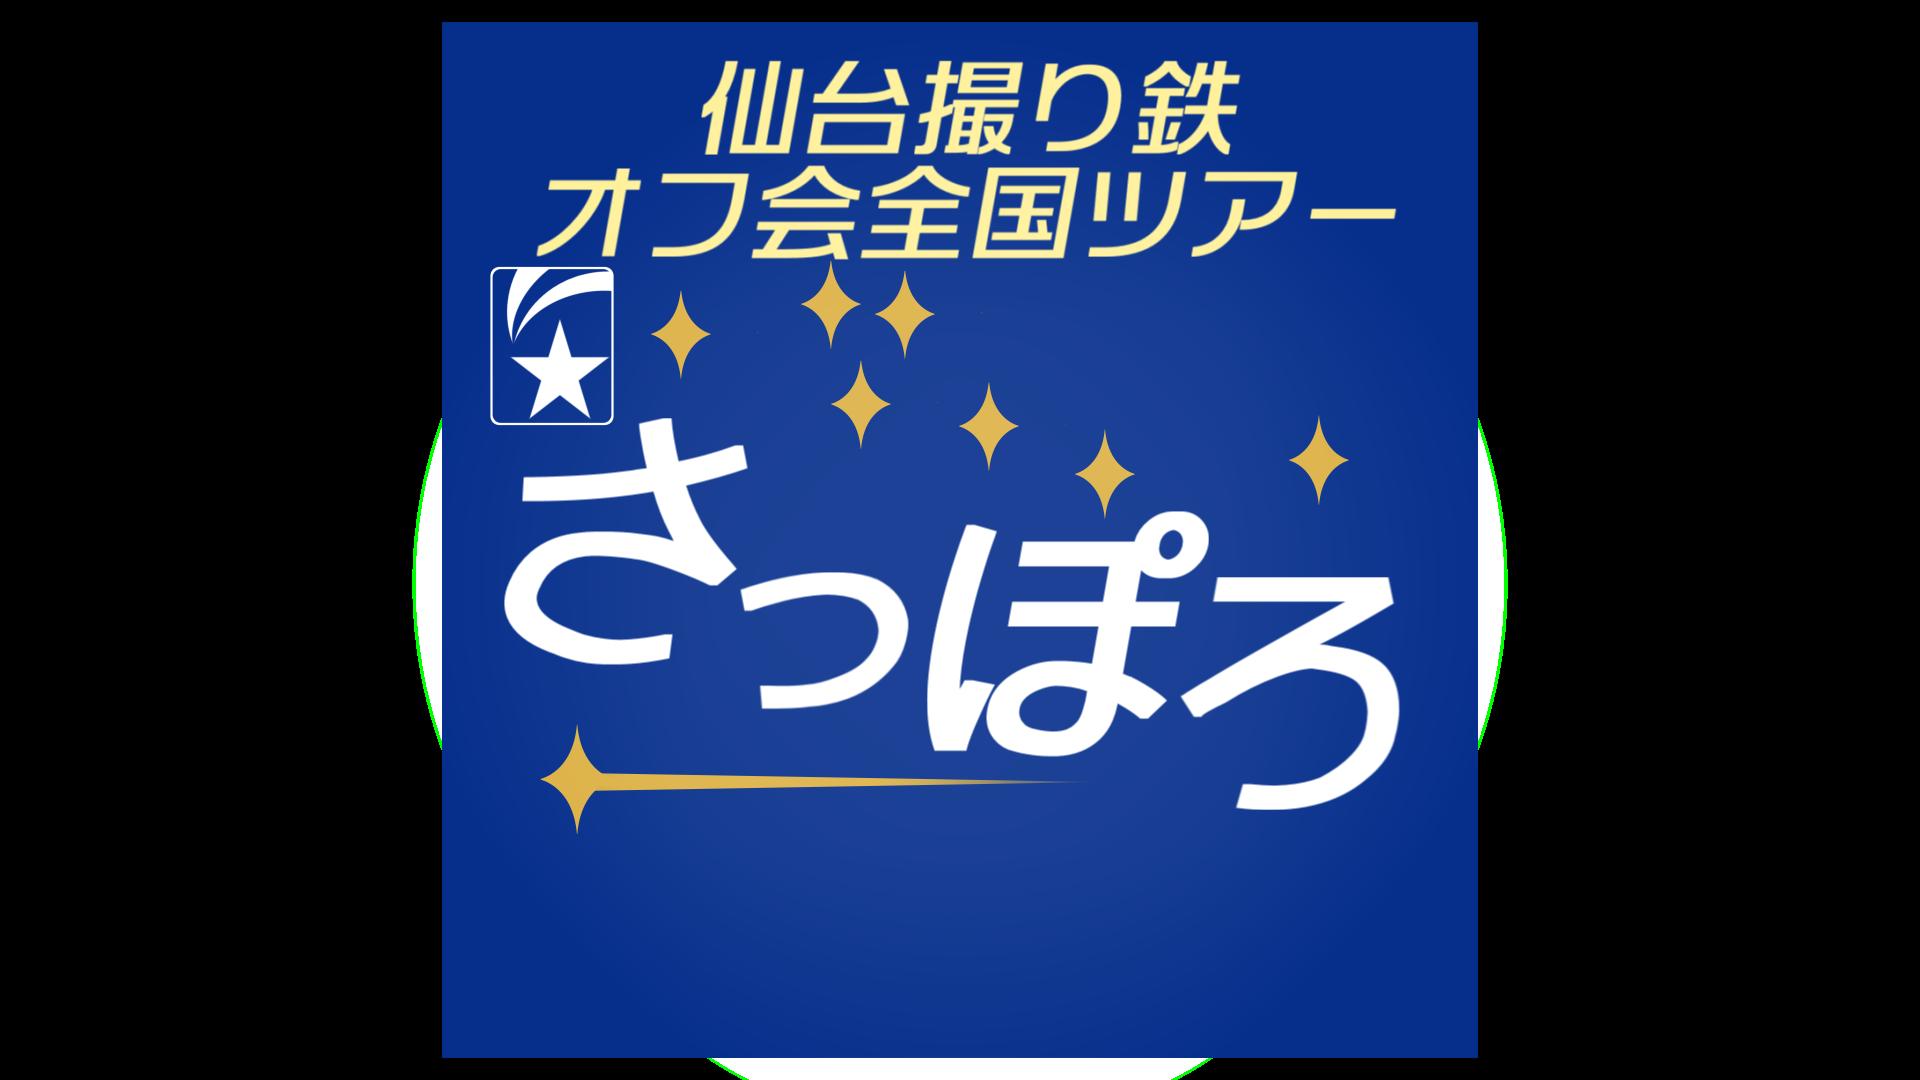 仙台撮り鉄オフ会 in 札幌(2月22日)